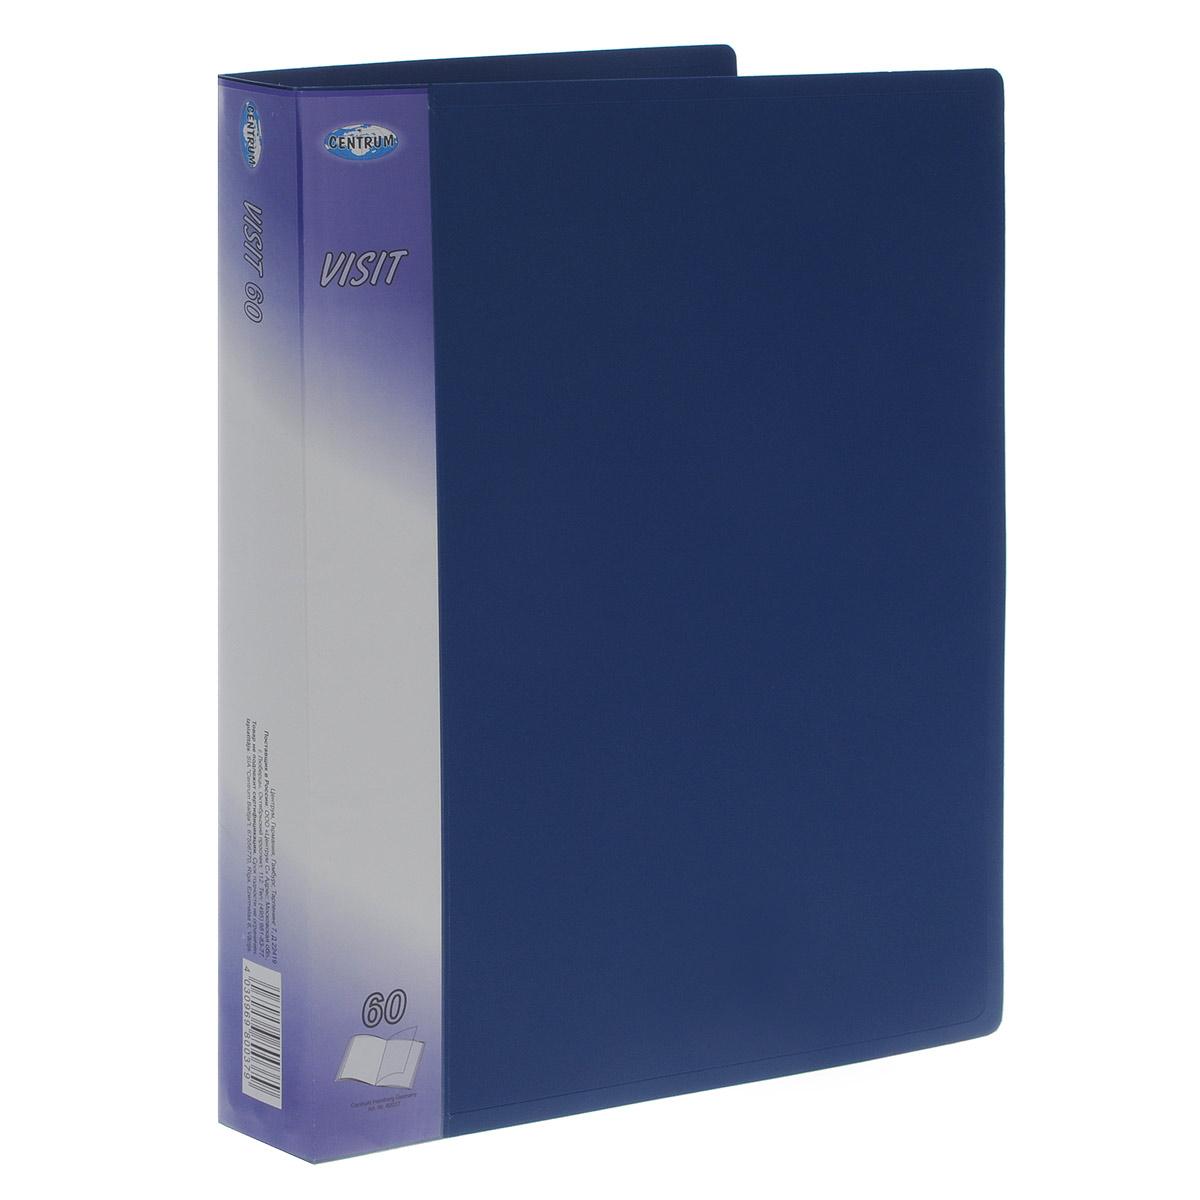 Папка с файлами Centrum Visit, на 60 файлов, цвет: синий. Формат А4FS-36054Папка Centrum Visit - это удобный и функциональный инструмент, предназначенный для хранения и транспортировки бумаг и документов формата А4. Обложка папки изготовлена из прочного непрозрачного пластика. Папка включает в себя 60 прозрачных файлов формата А4. Папка надежно сохранит ваши бумаги и сбережет их от повреждений, влаги и пыли.